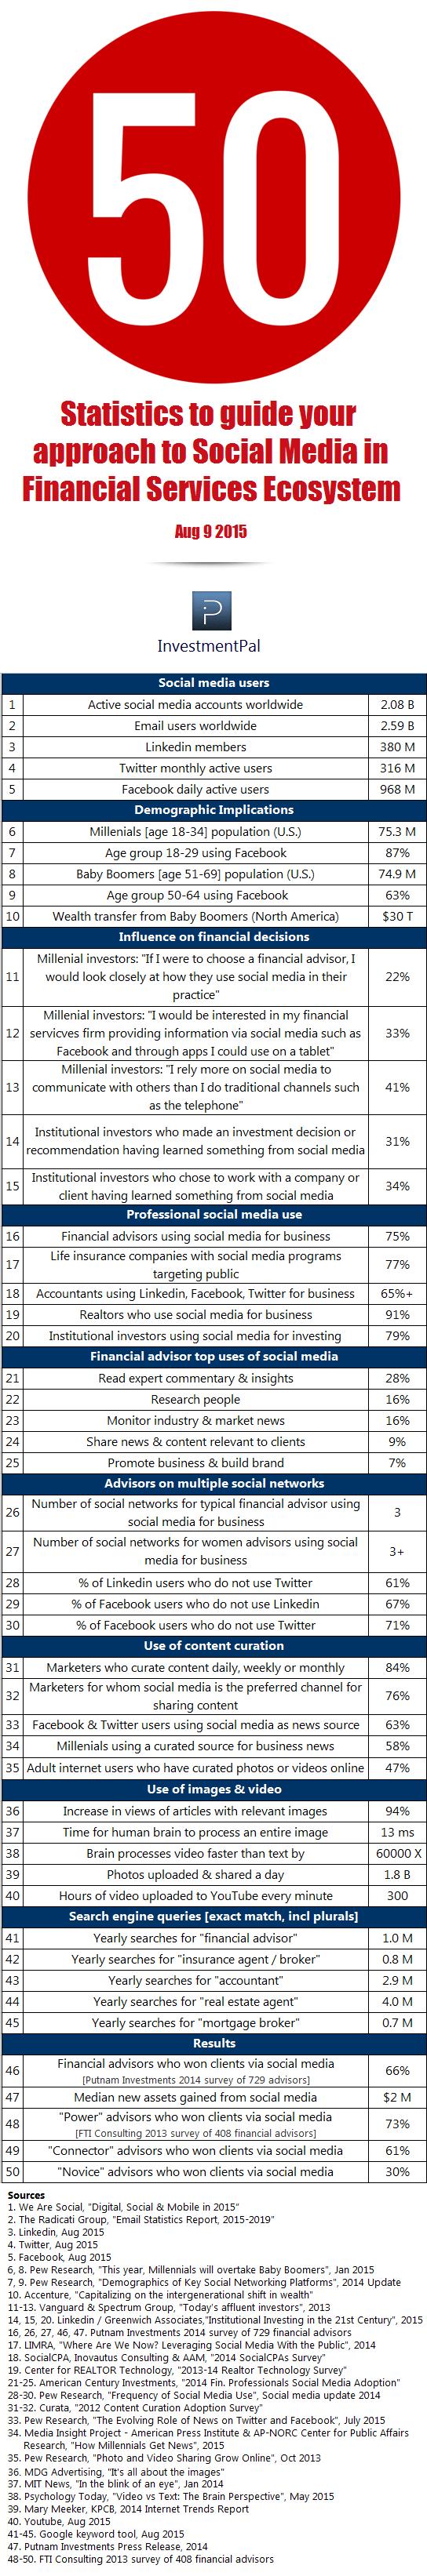 financial social media statistics 2015